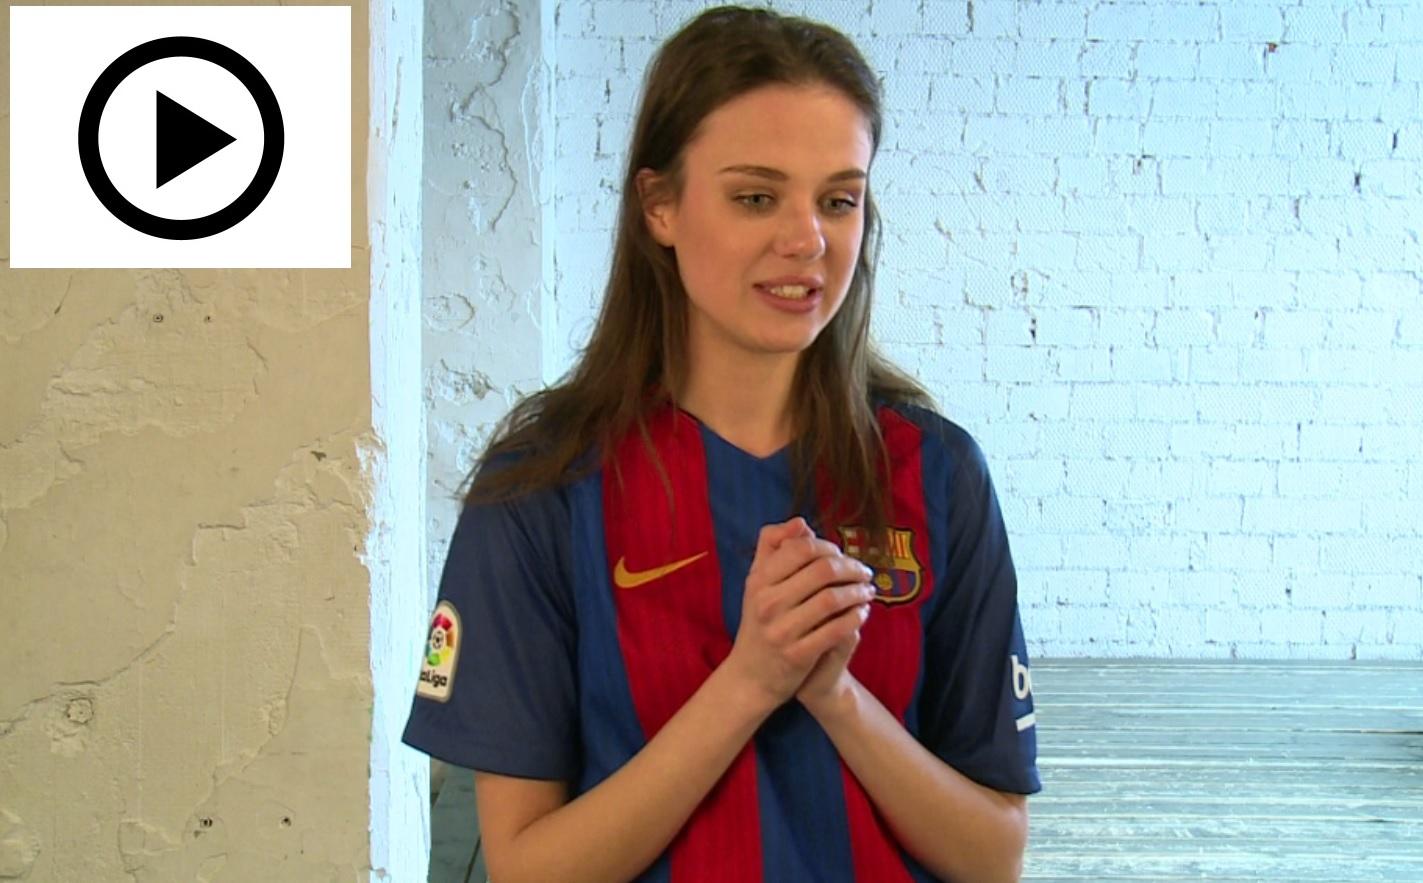 Barcelona is not Spain Barcelona is Catalunya